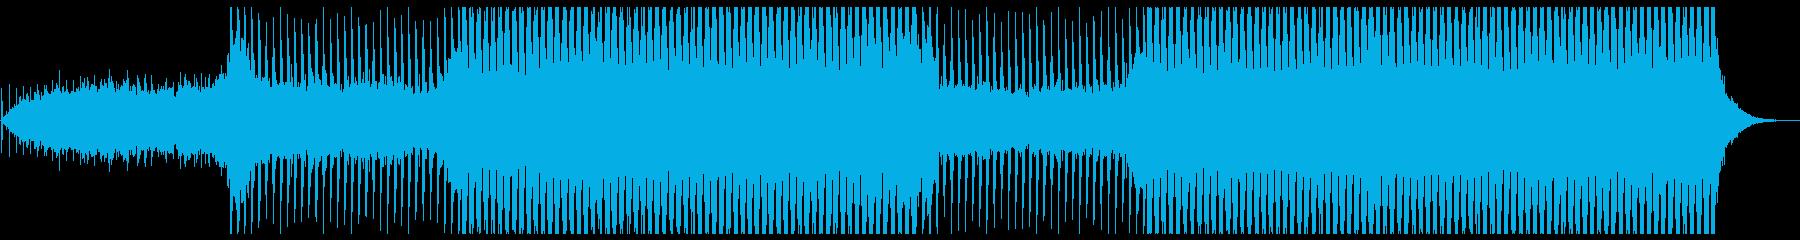 カウントダウン!緊迫感溢れる楽曲・Fの再生済みの波形